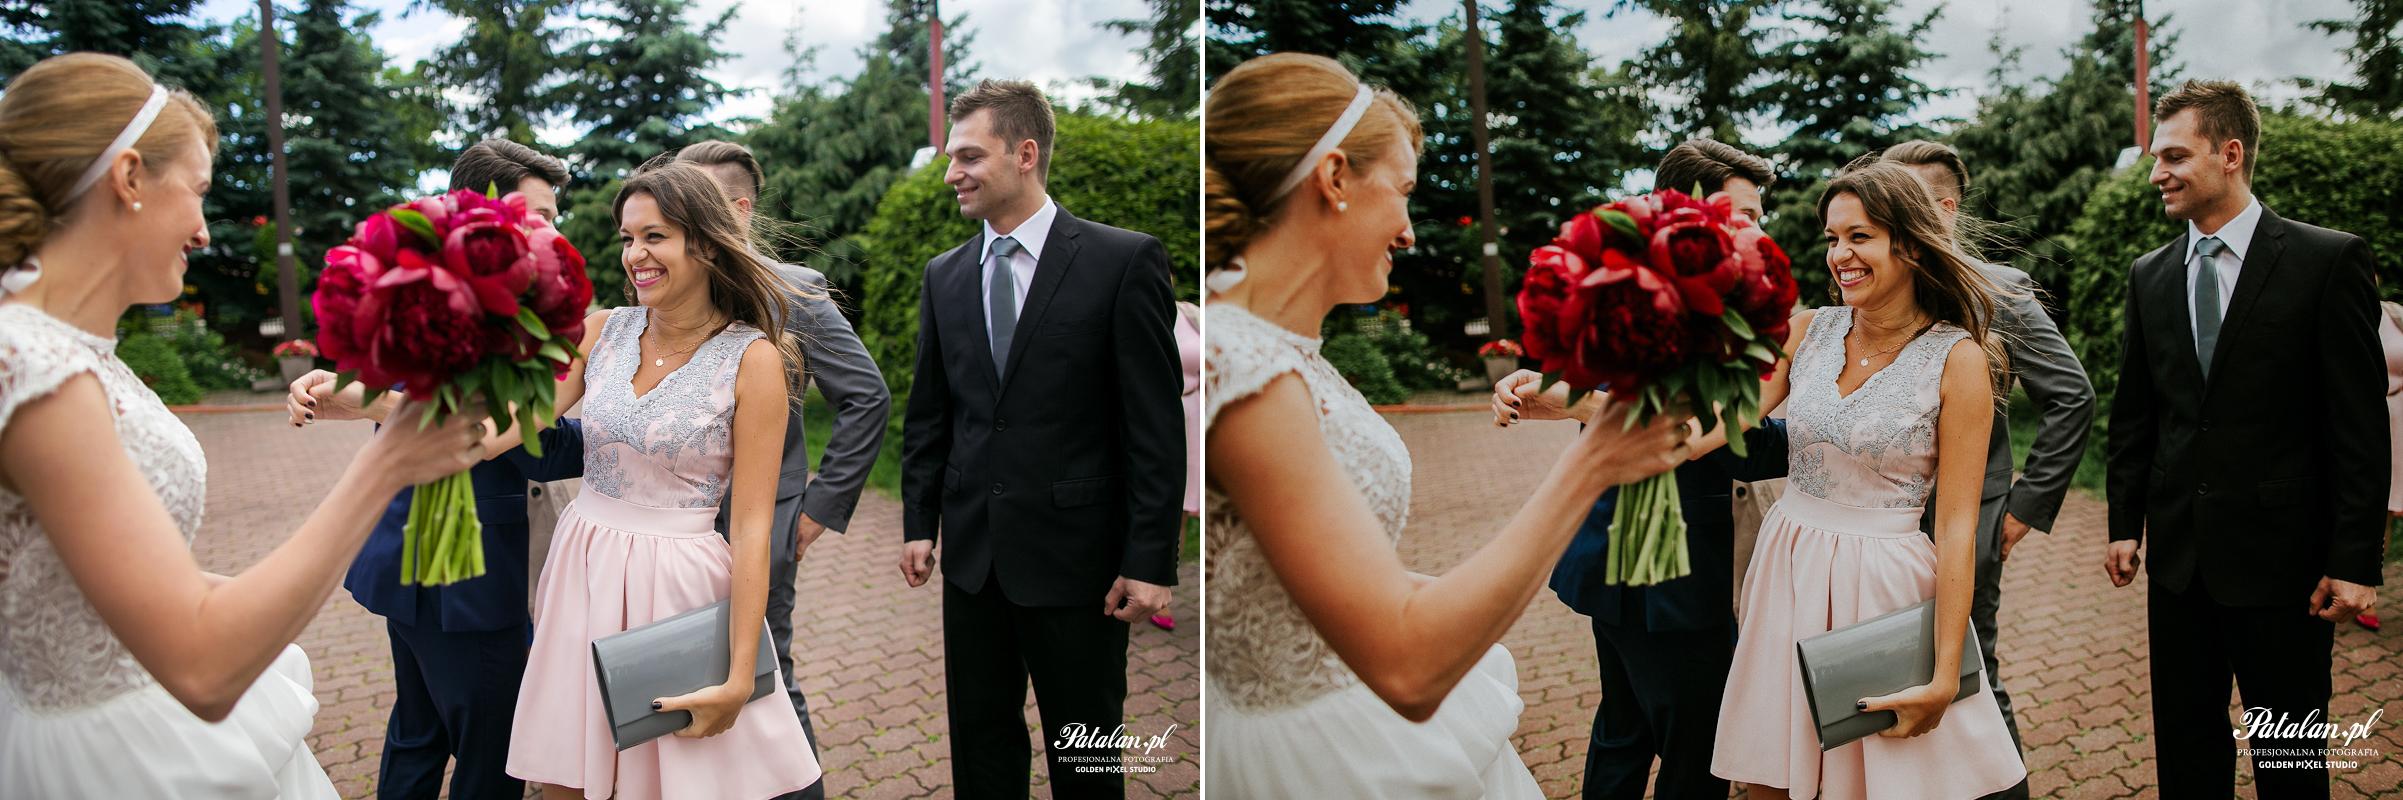 fotograf na ślub Zambrów, fotograf na wesele Ostrołęka, fotograf ostrołęka, fotograf ślubny Kolno, fotograf ślubny łomża